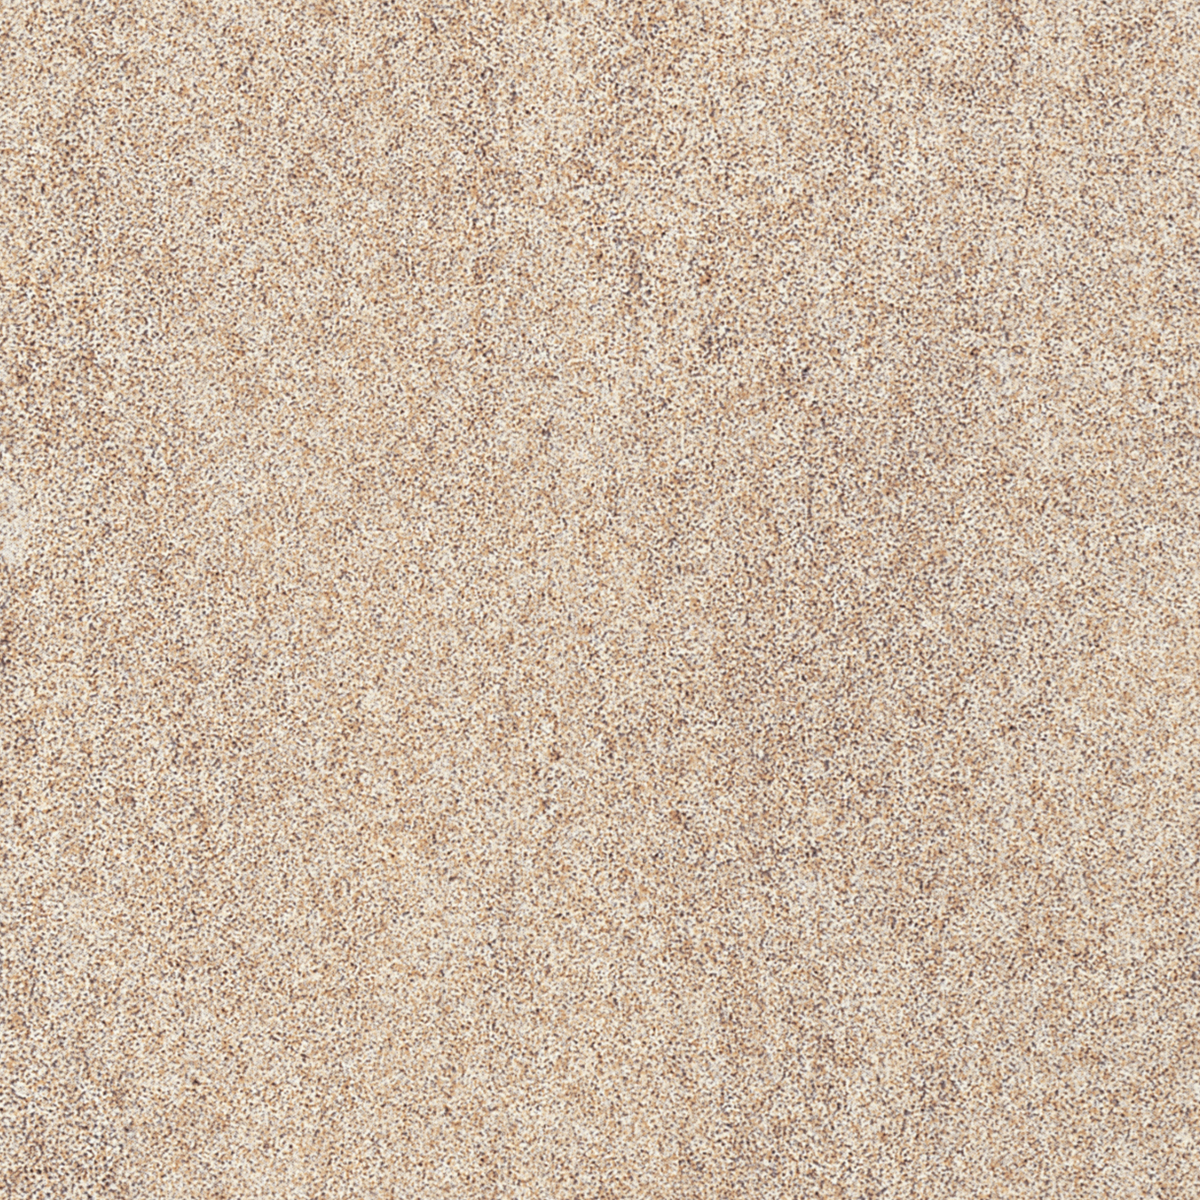 6699 Sand Flow - Formica